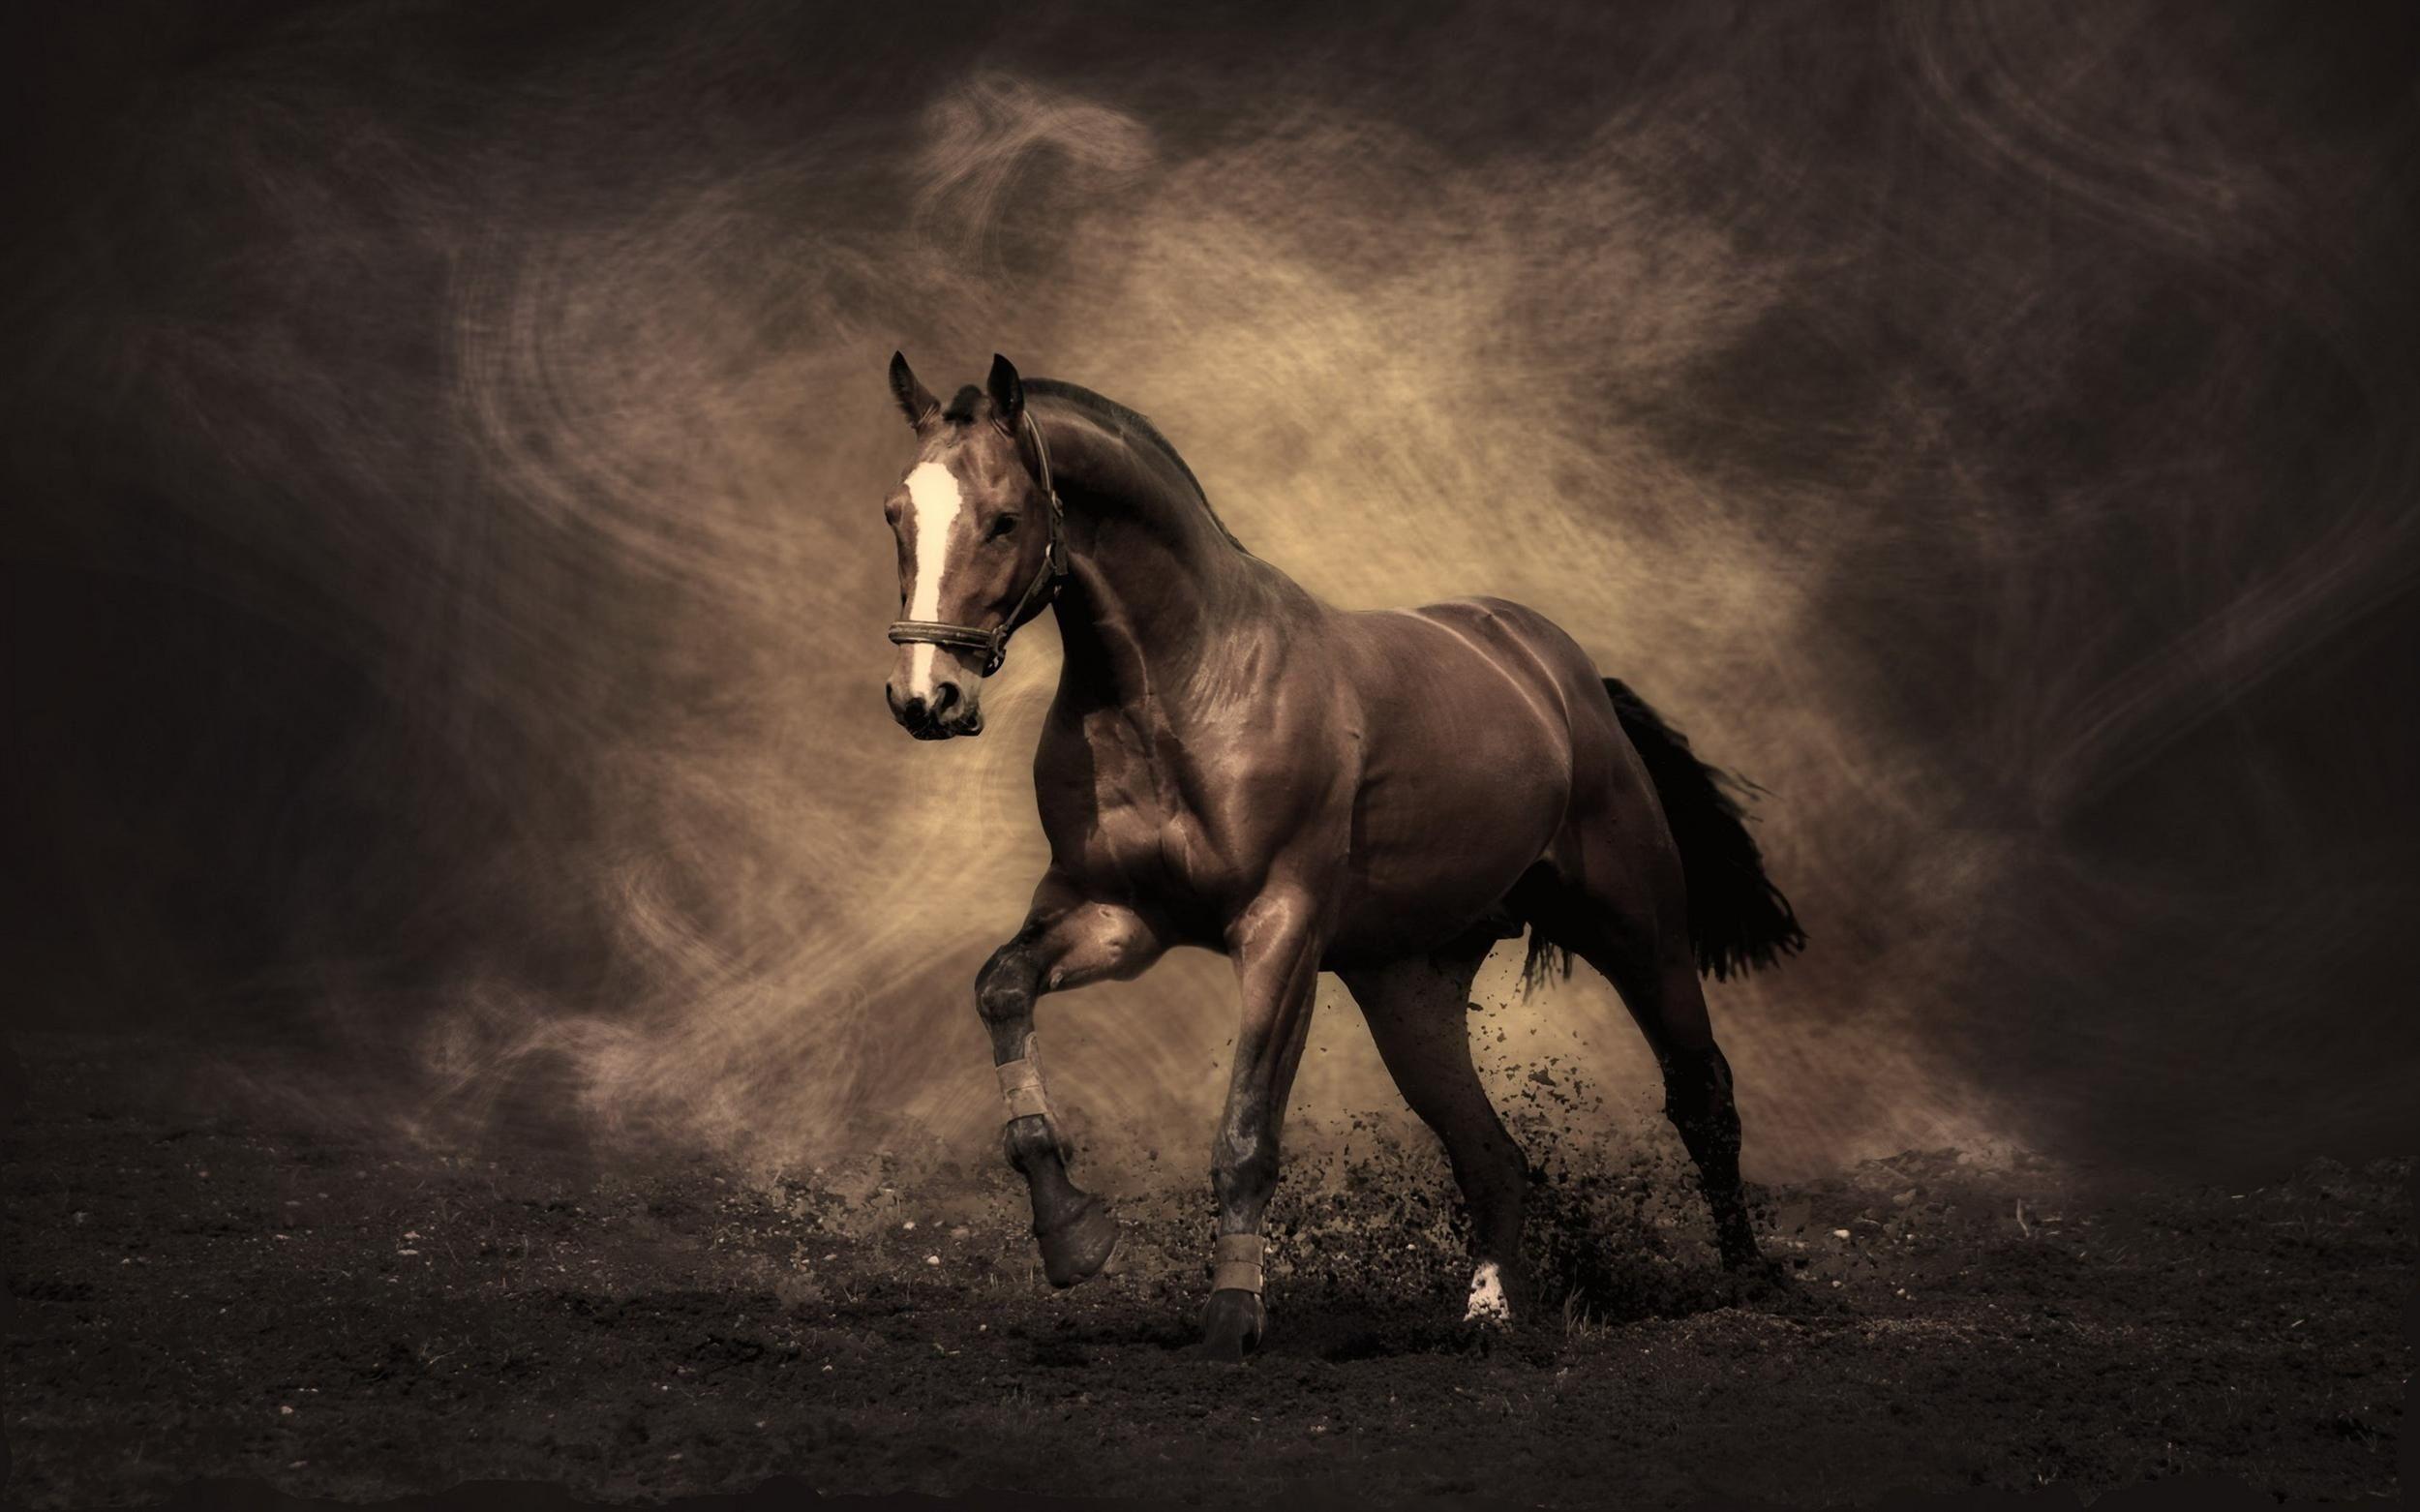 Best Wallpaper Horse Samsung Galaxy - f08f3bbb8c743bbd6f5d6ce51f744bee  Pic_89374.jpg